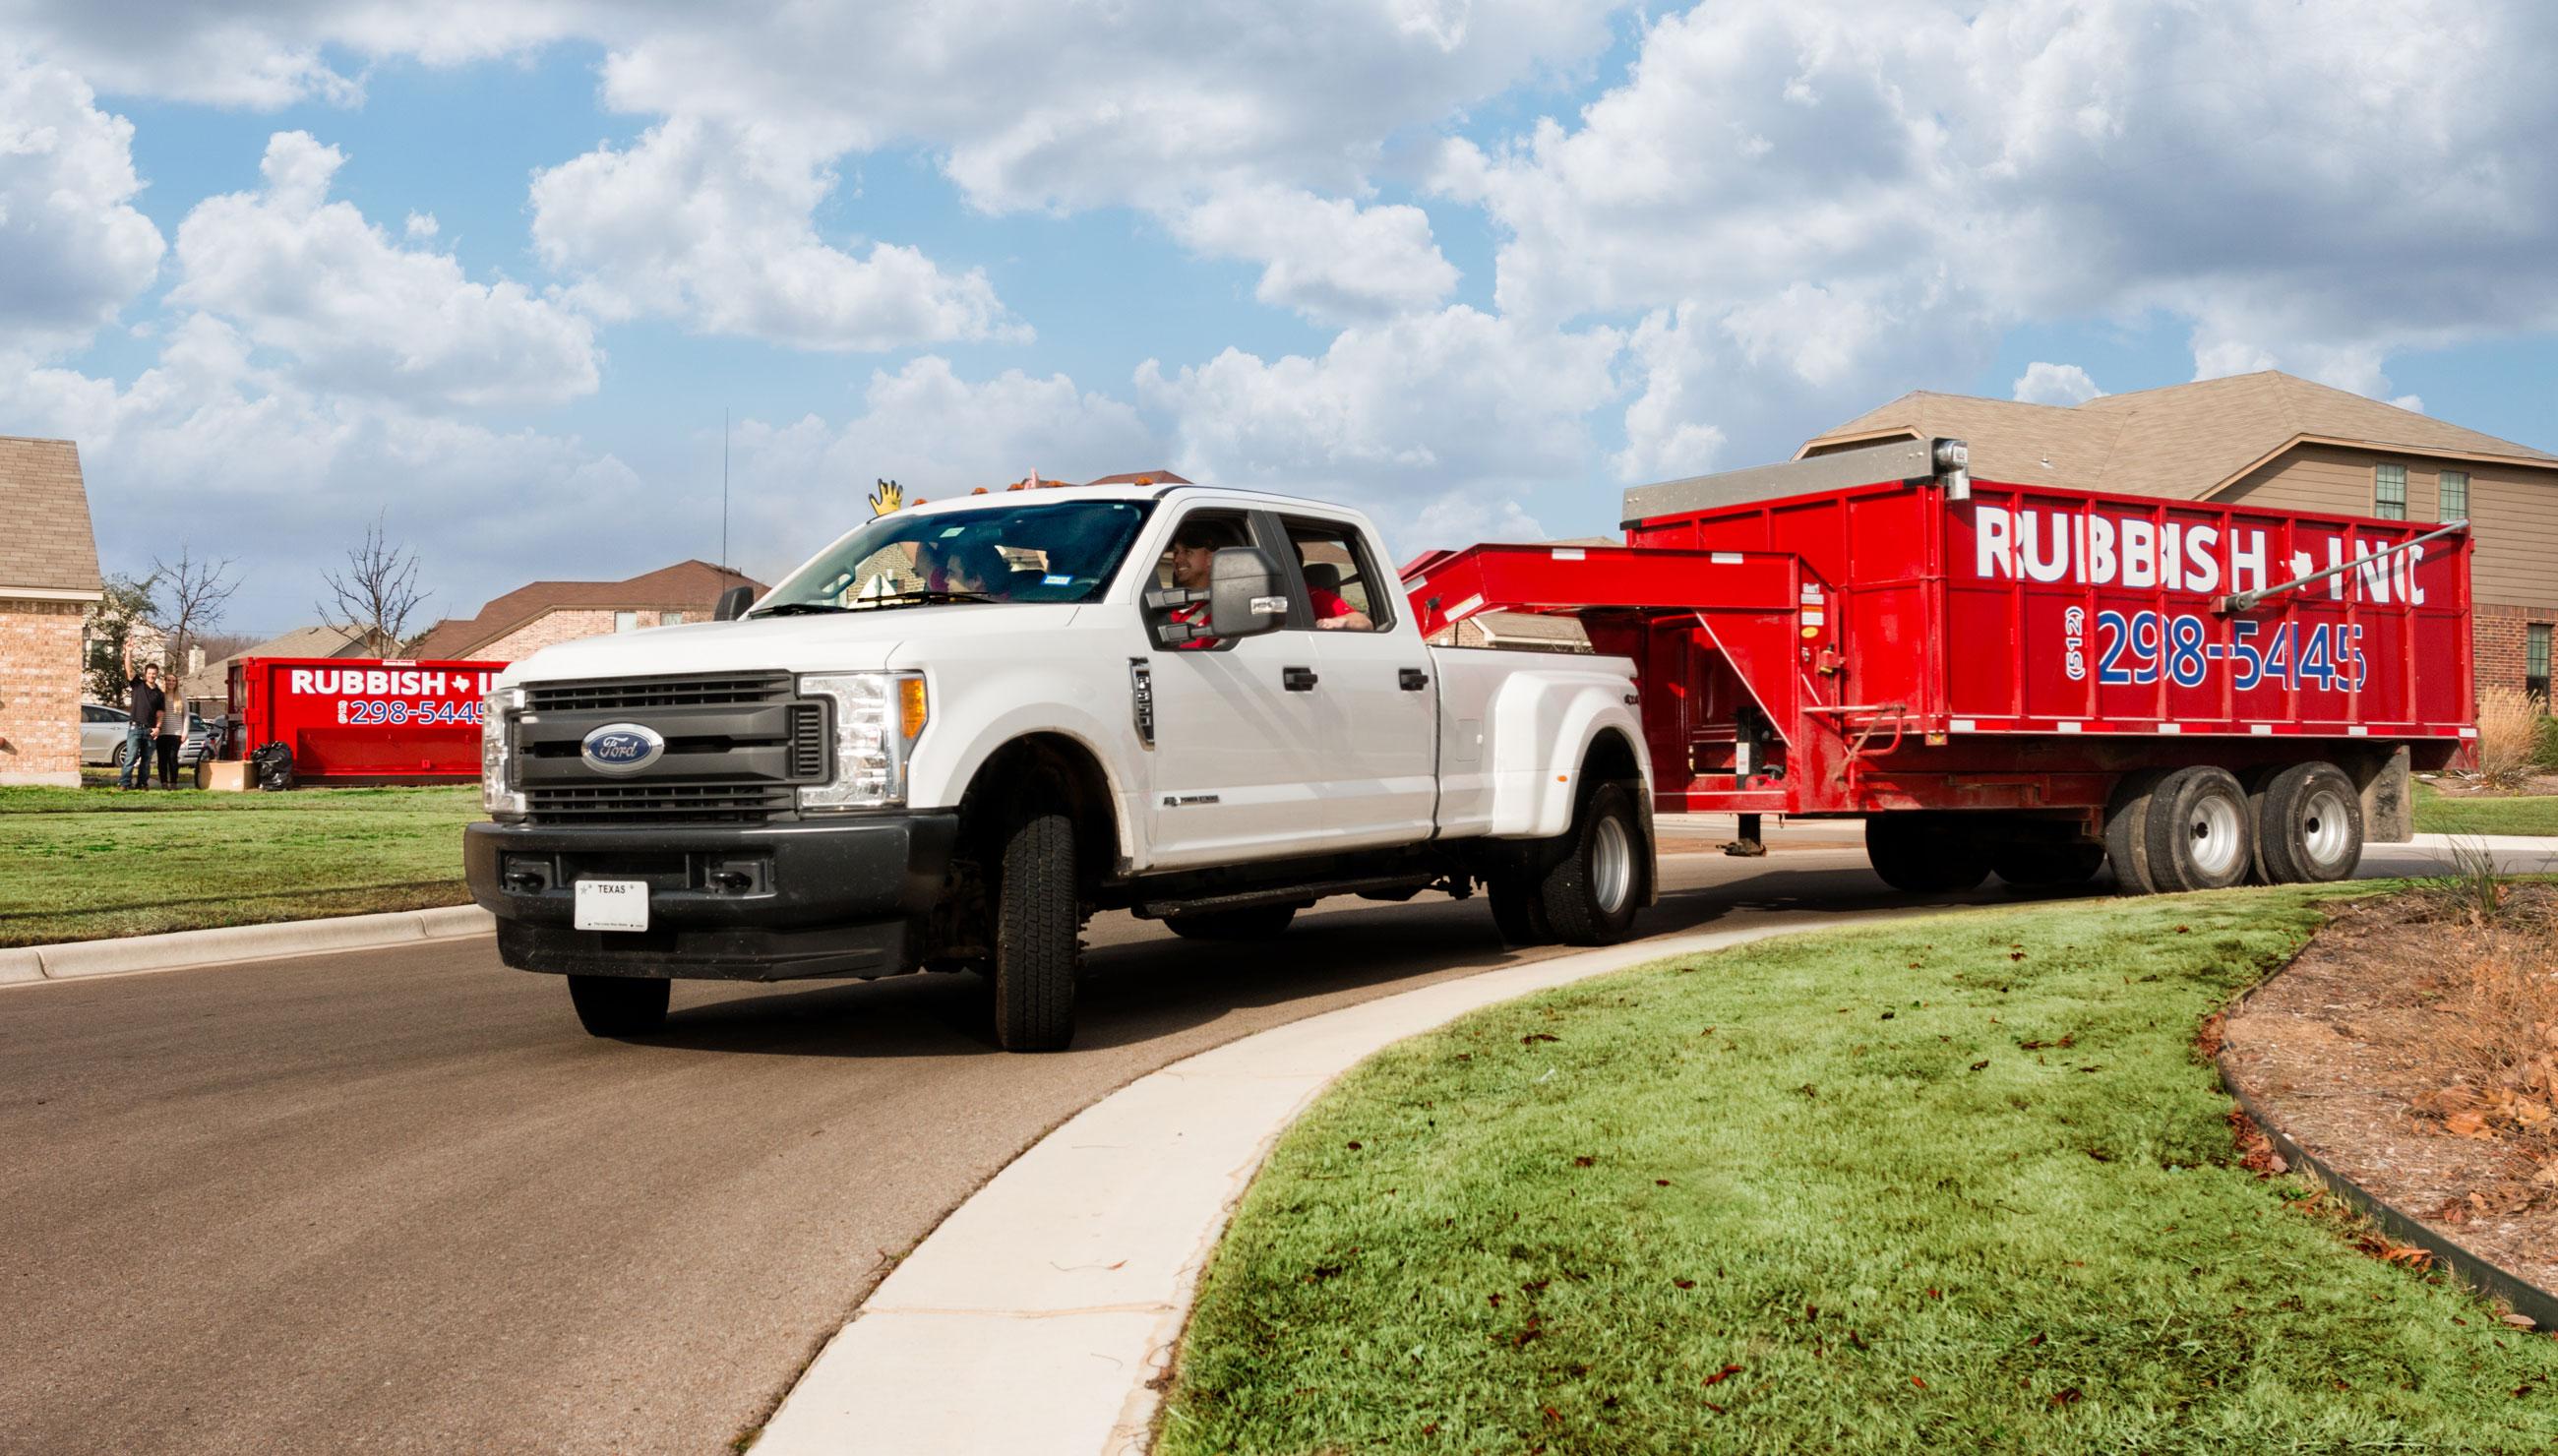 1 Junk Removal Company In Austin Texas Rubbish Inc